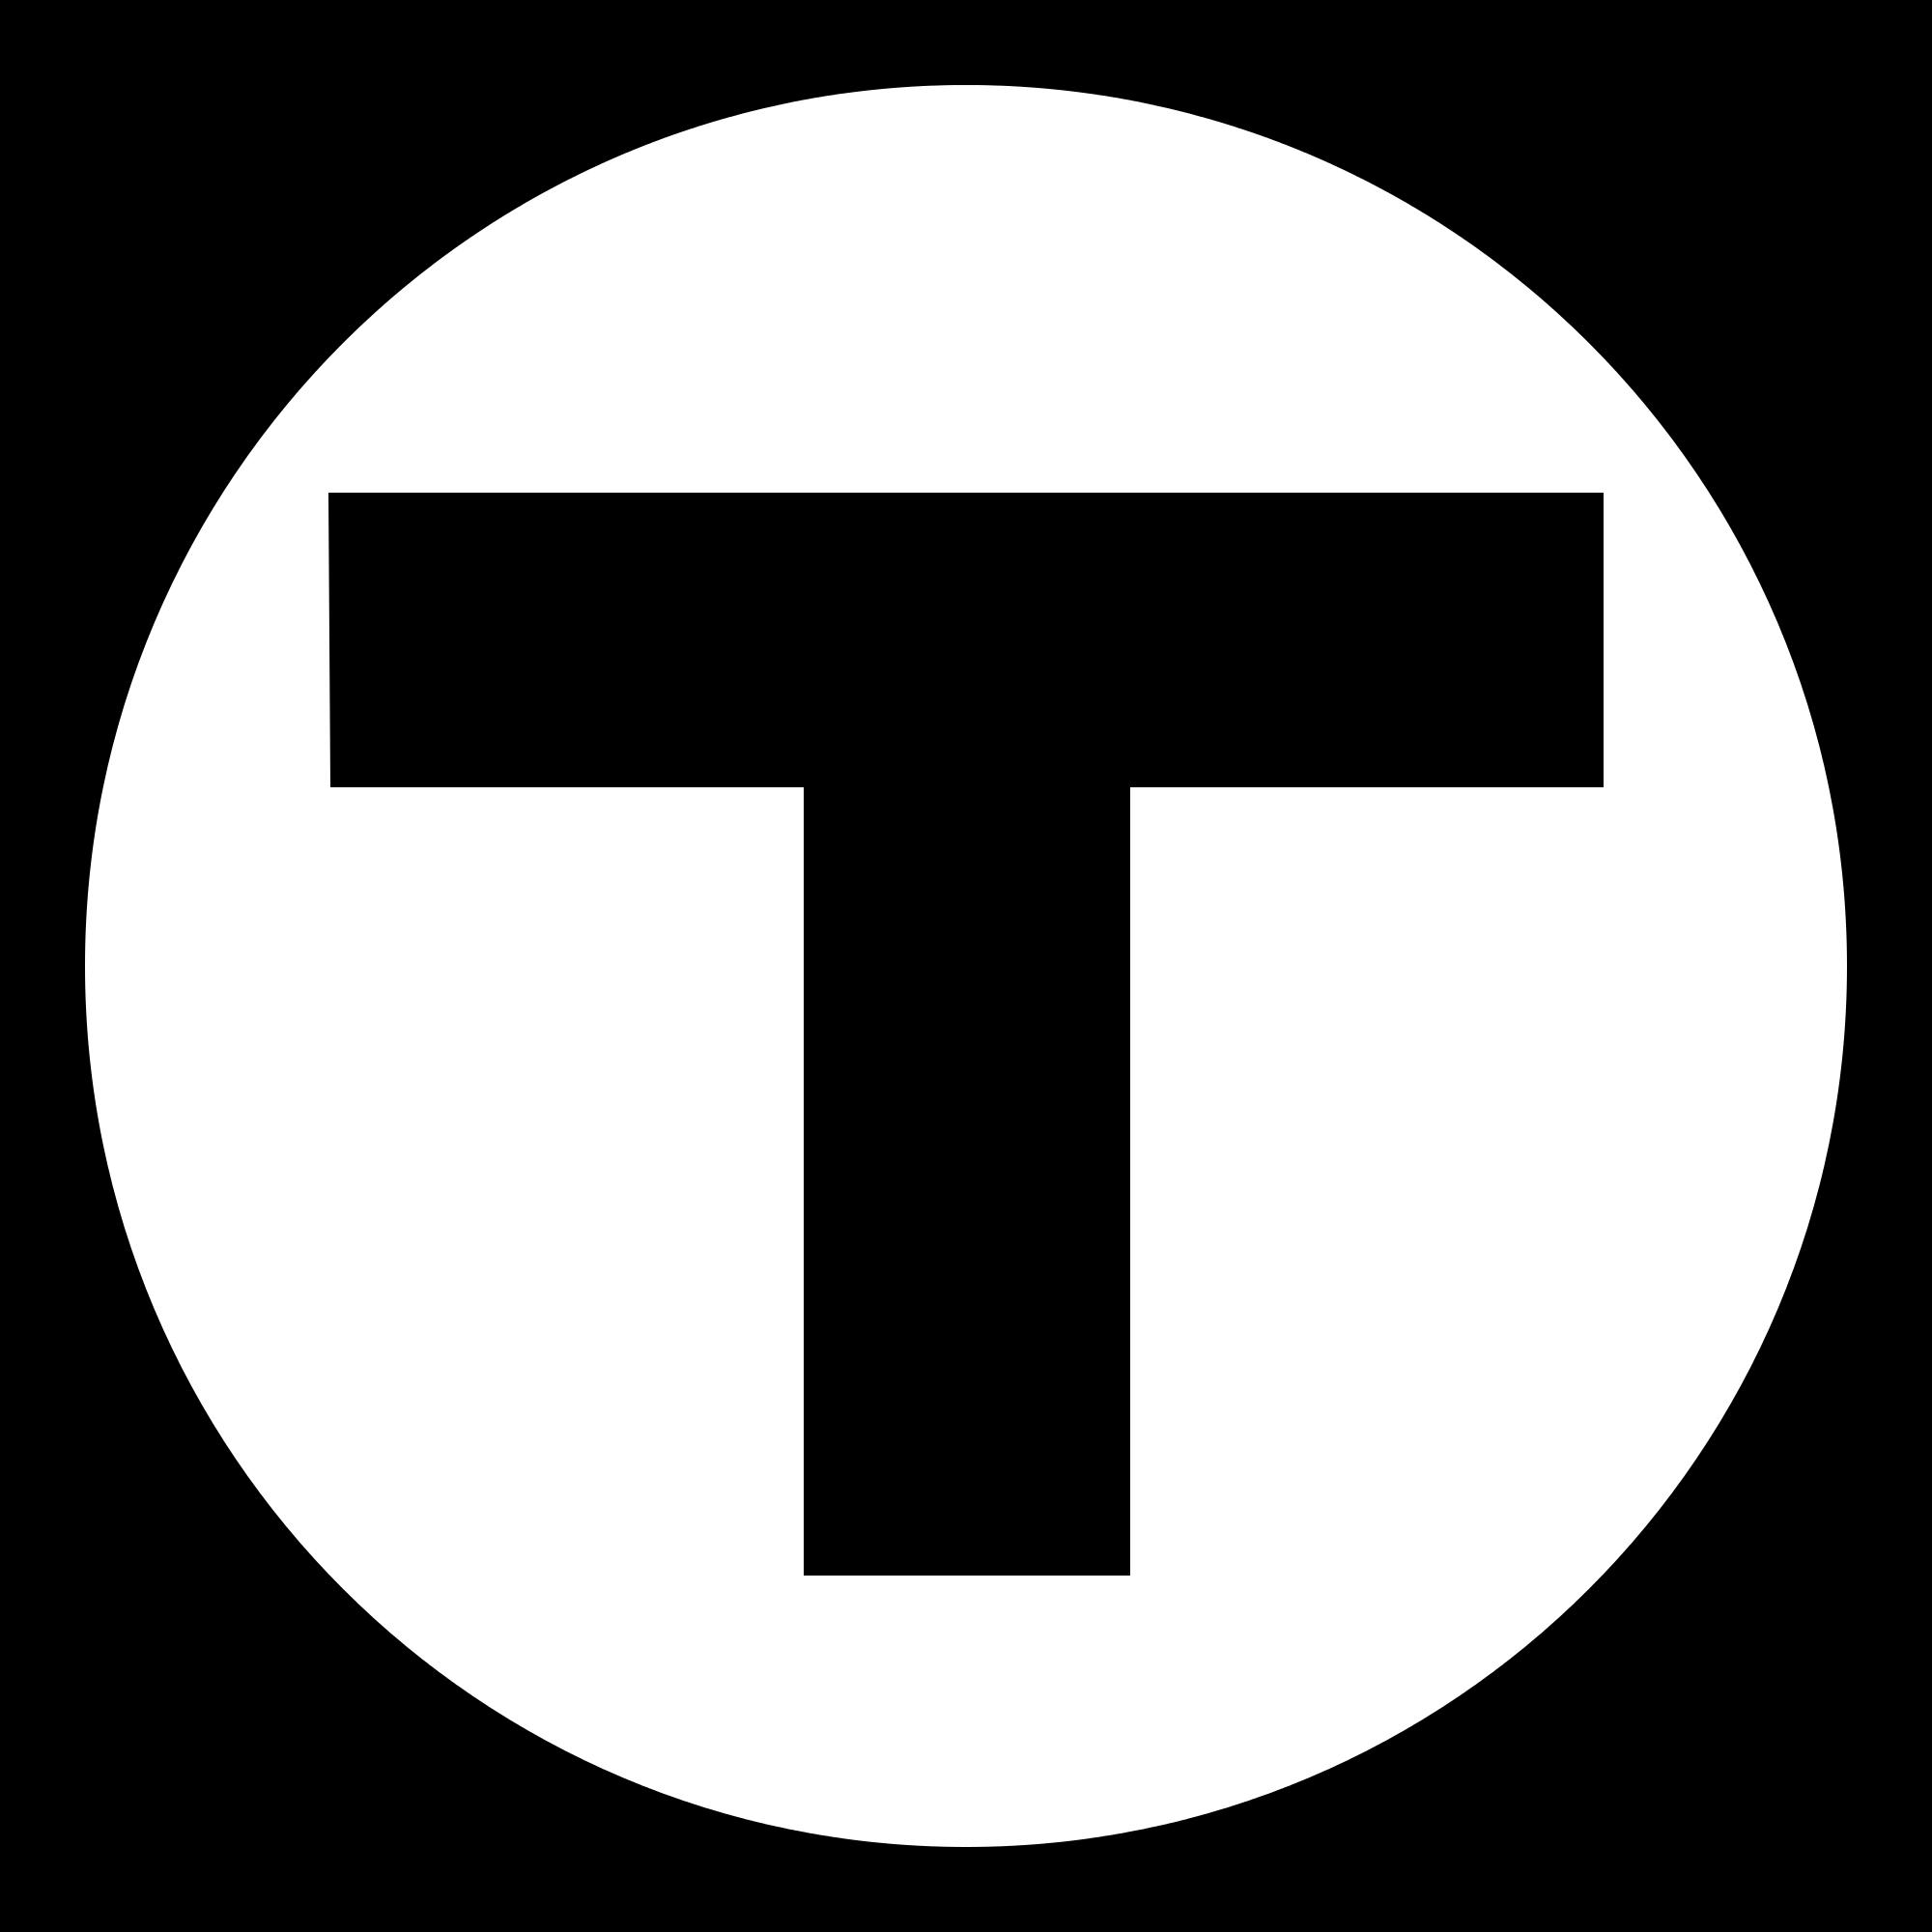 MBTA 2019 Fare Proposal Comment Form Survey